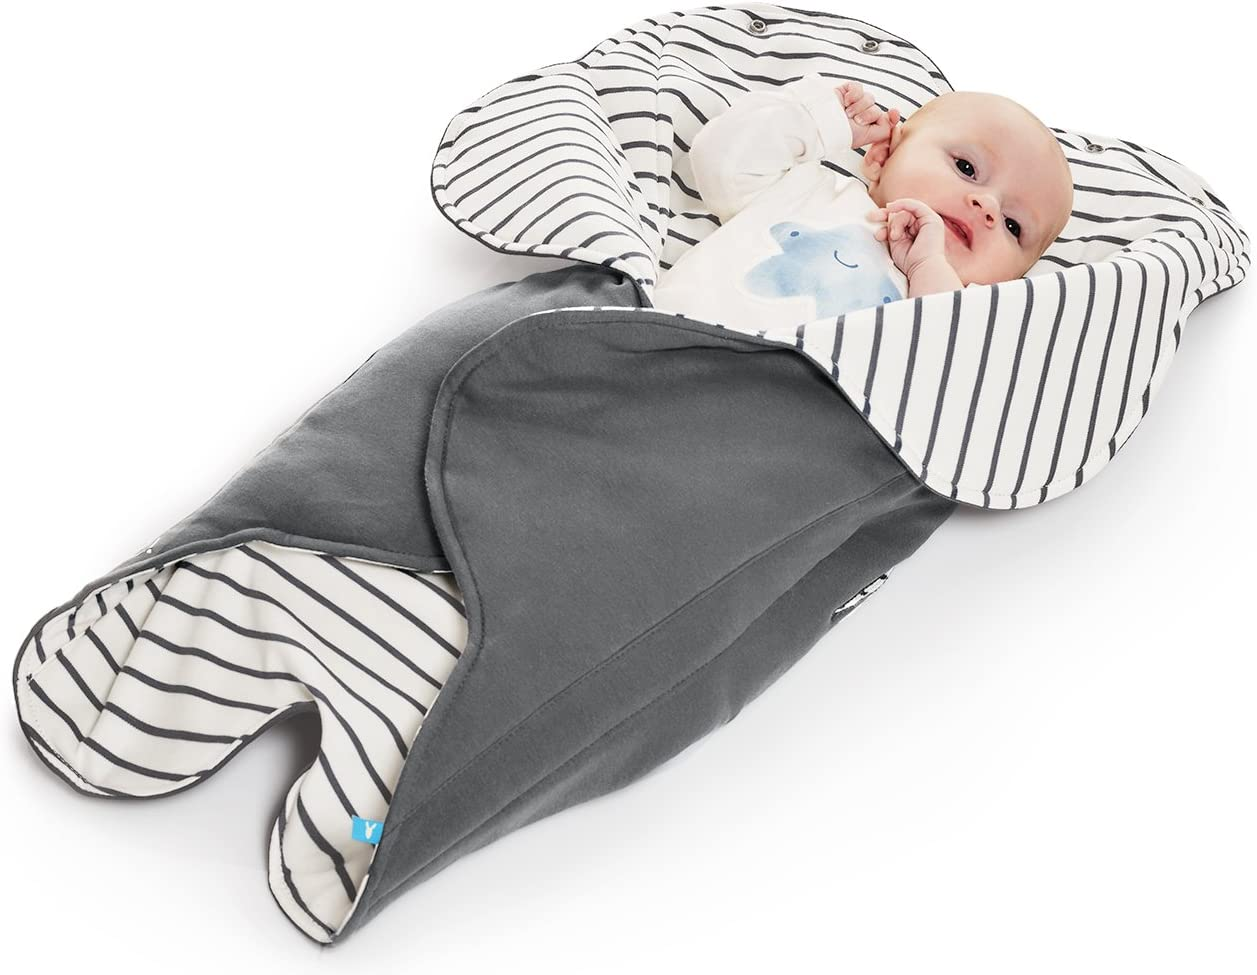 Wallaboo Manta Para Bebé Fleur, Muy Práctica y Ultra Suave, 85 x 85 cm, Manta para Envolver, Bebé Recién Nacido Hasta 12 Meses, 100% Algodón Suave, Color: rayas grises